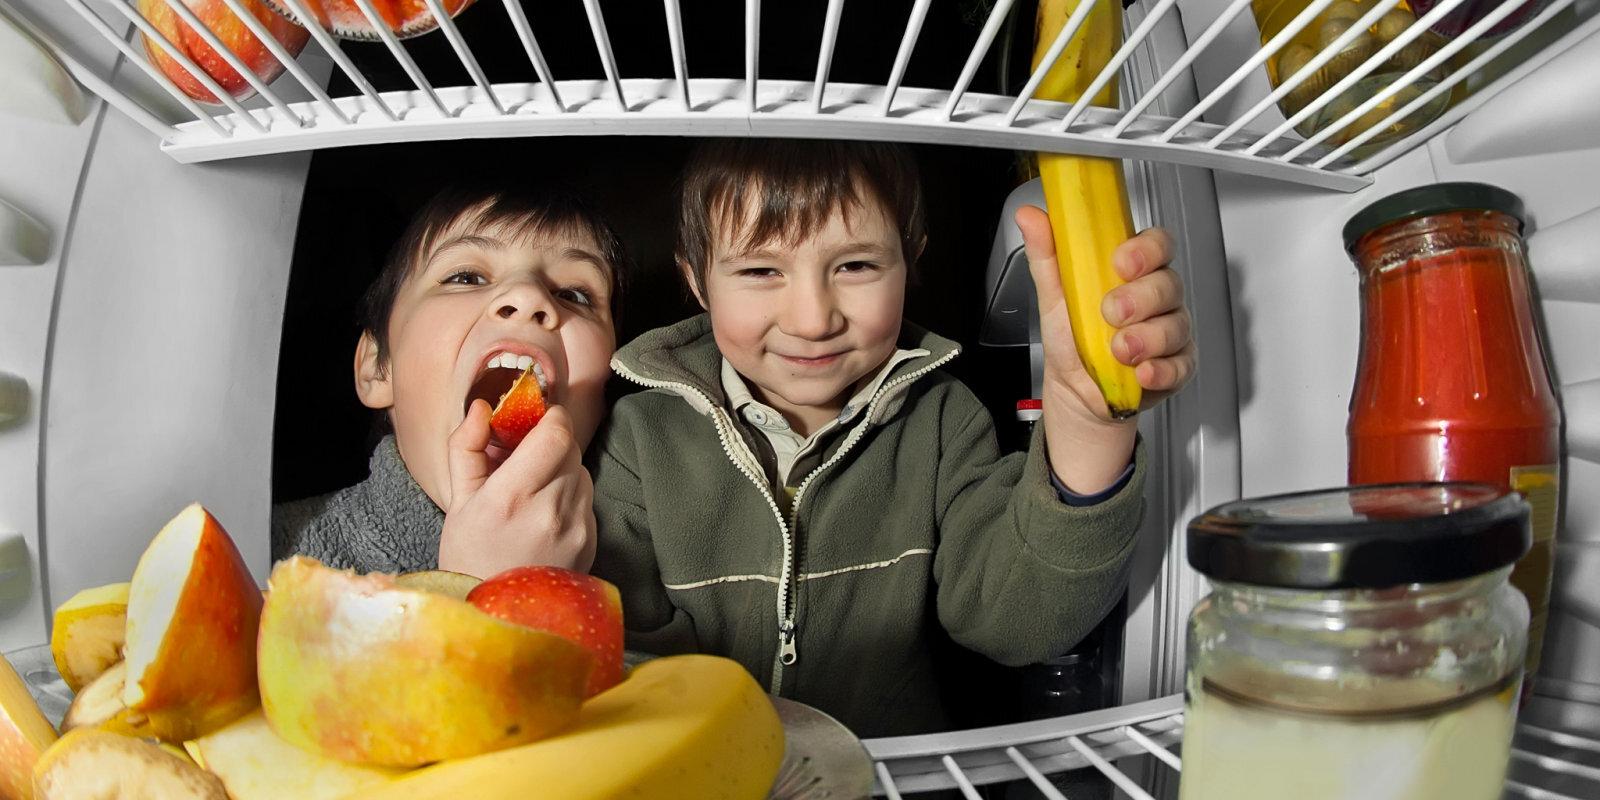 Kā vecākiem nesajukt prātā, plānojot bērnu ēdienkarti krīzes apstākļos